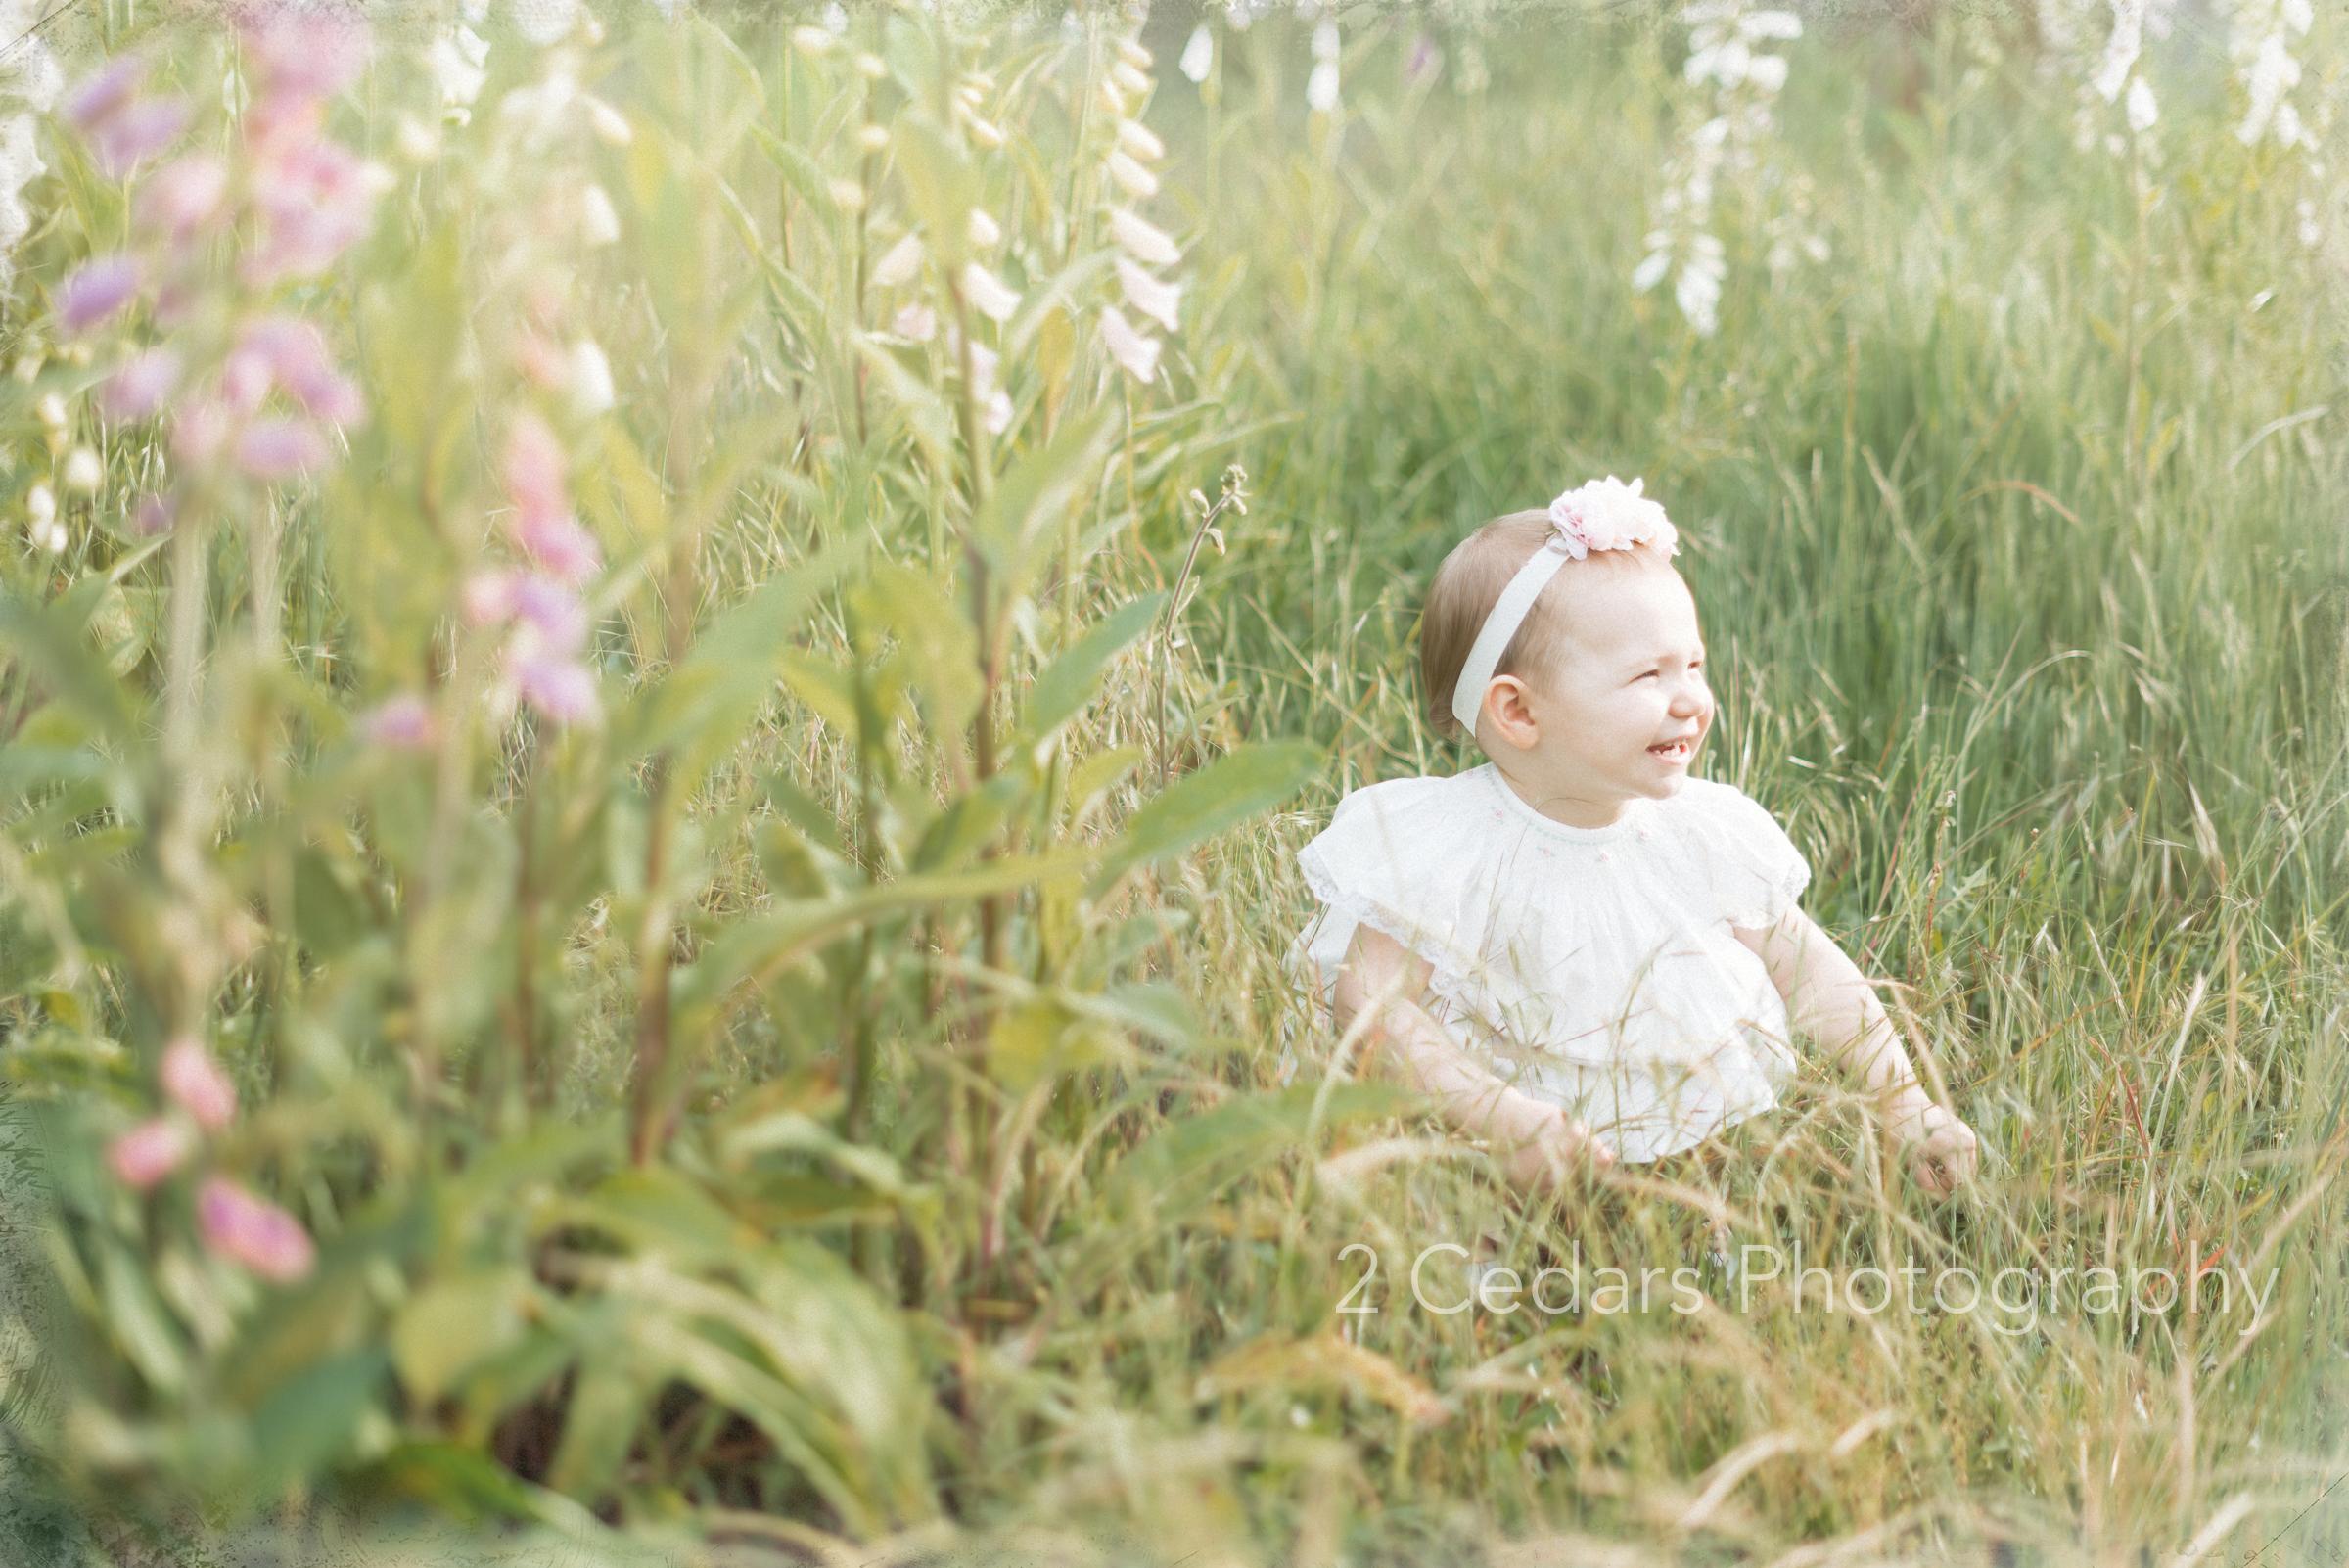 2cedarsphoto-Bonnie2019-38.jpg